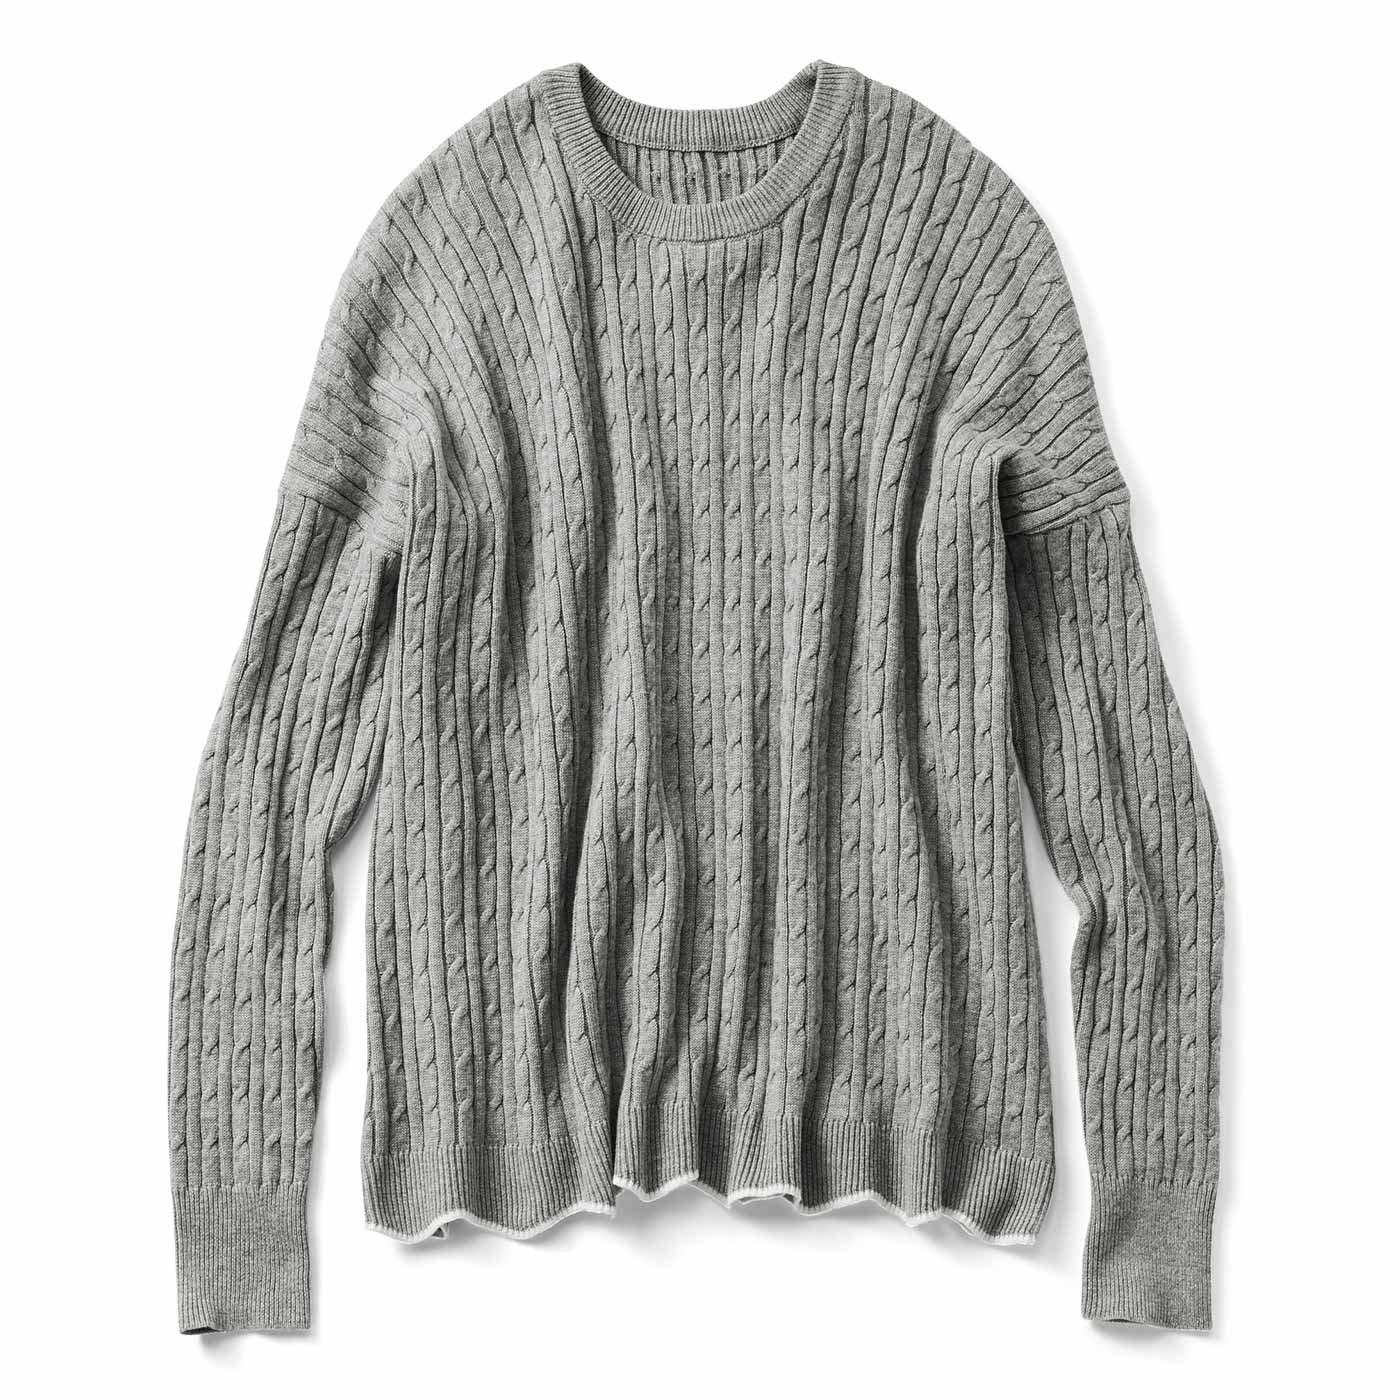 リブ イン コンフォート ゆったりラインで着こなしやすい 総柄ケーブル編みシルク混ニット〈グレー〉